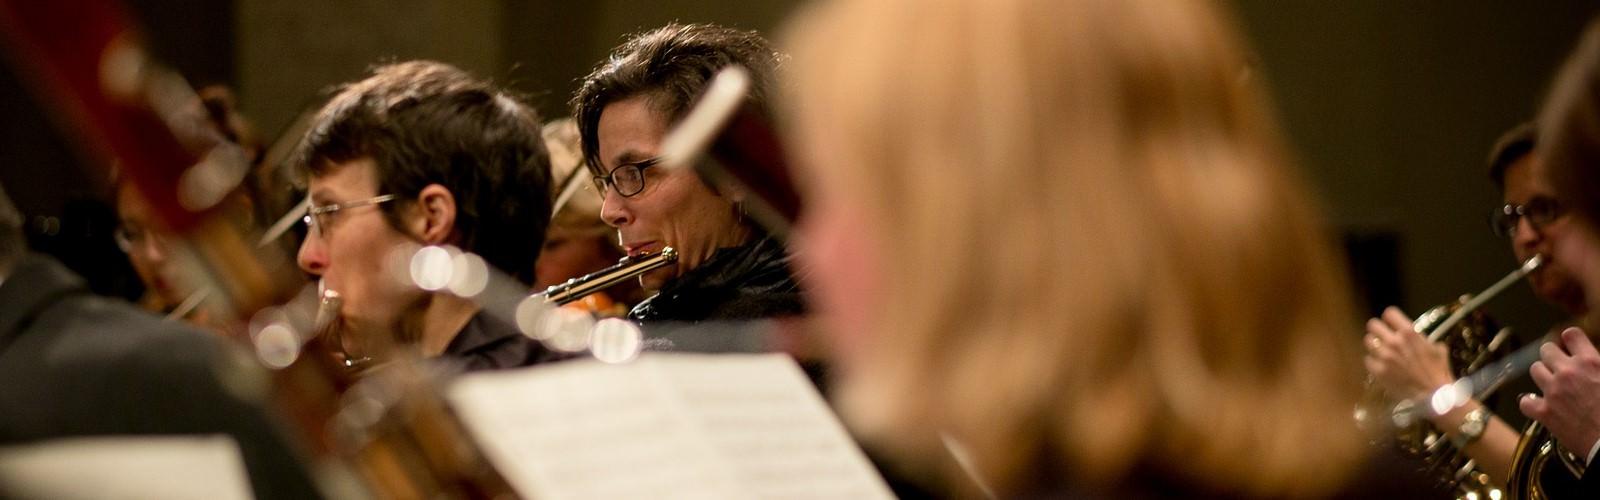 Foto van zingend koor.